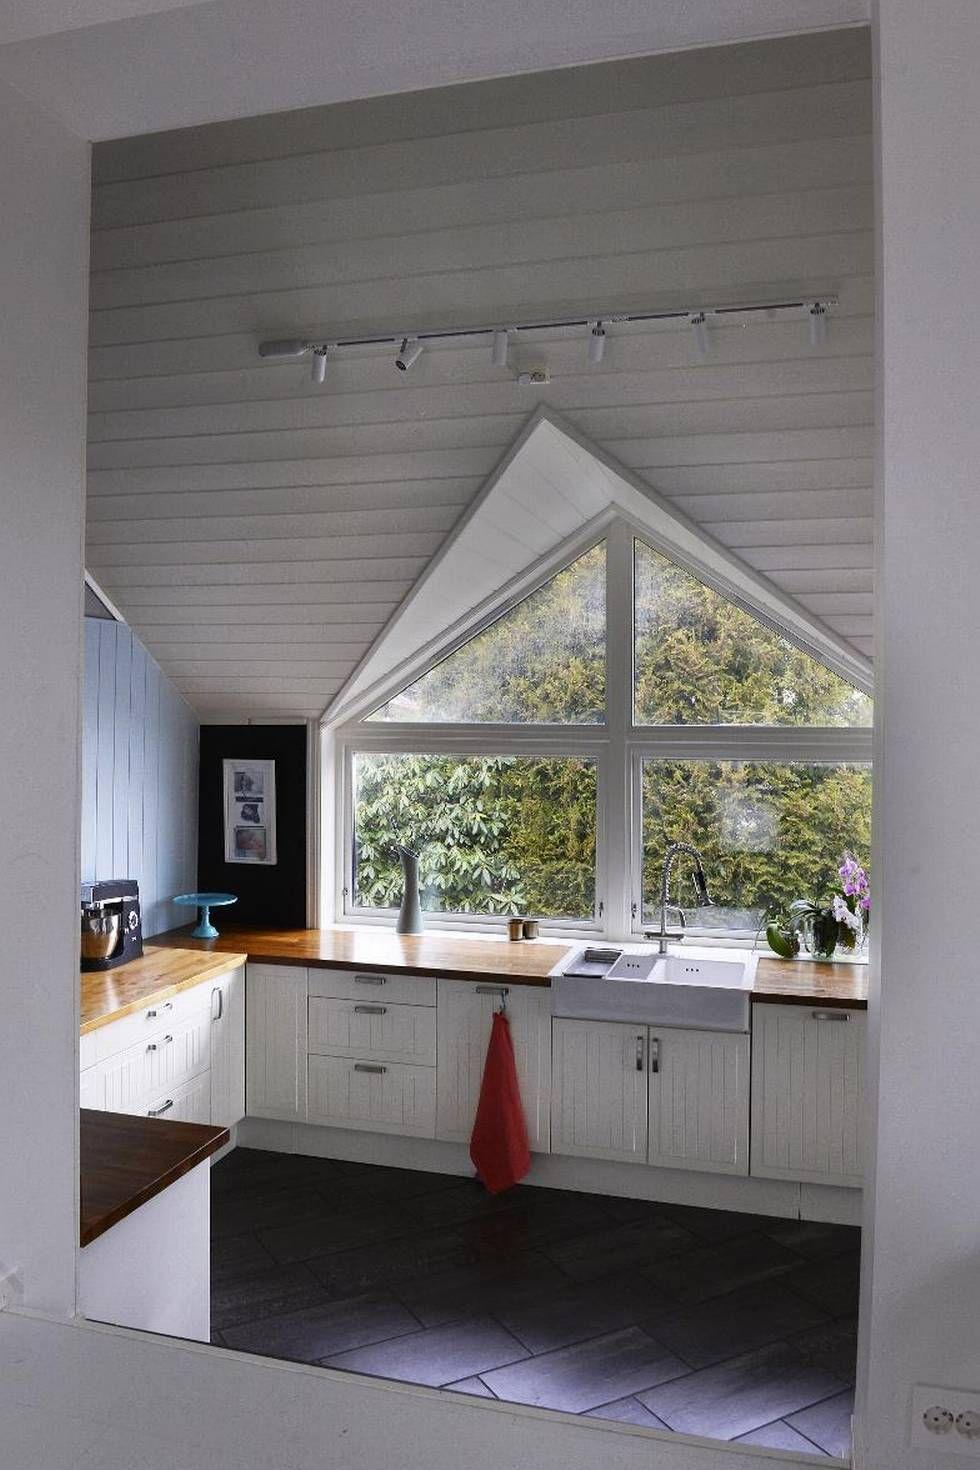 Kristine og Bjørnar har fått et hus der besøkende lurer på hva som kommer rundt neste sving - Aftenposten